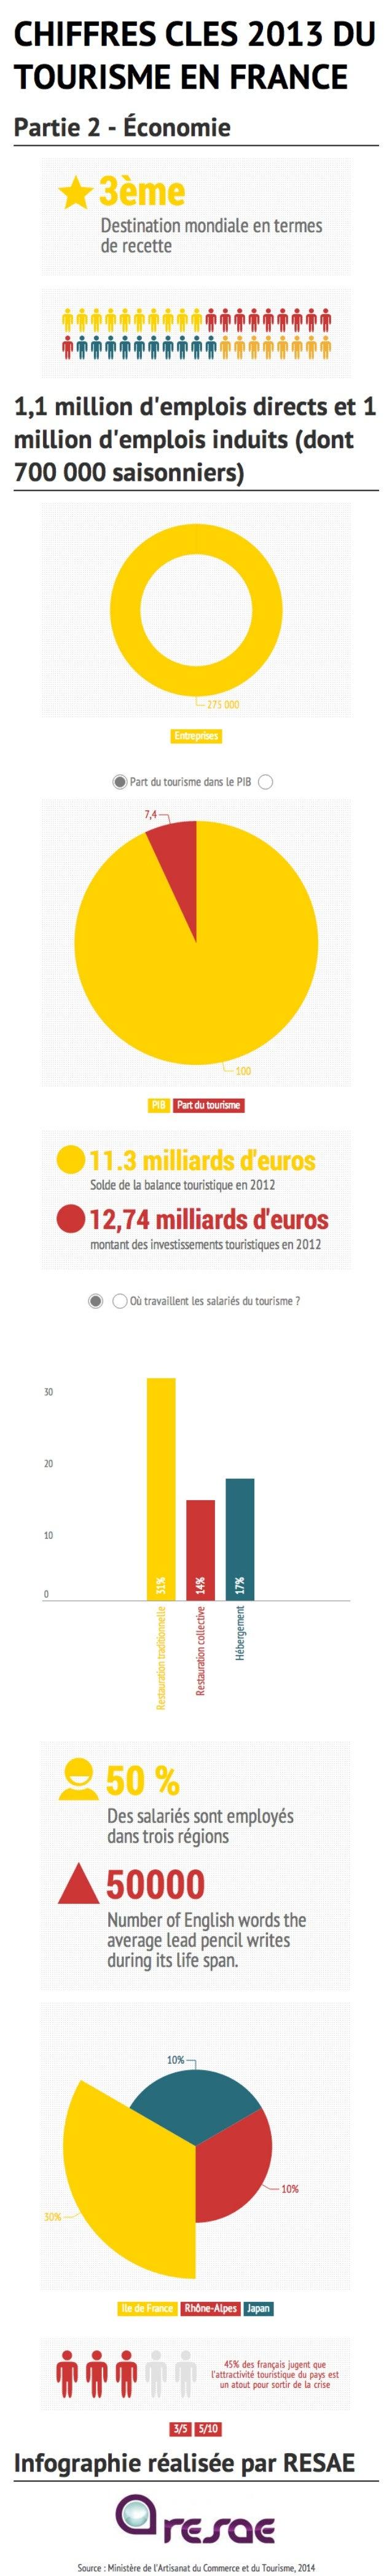 [Infographie] Chiffres clés du tourisme français en 2013 - Partie 2 : Économie